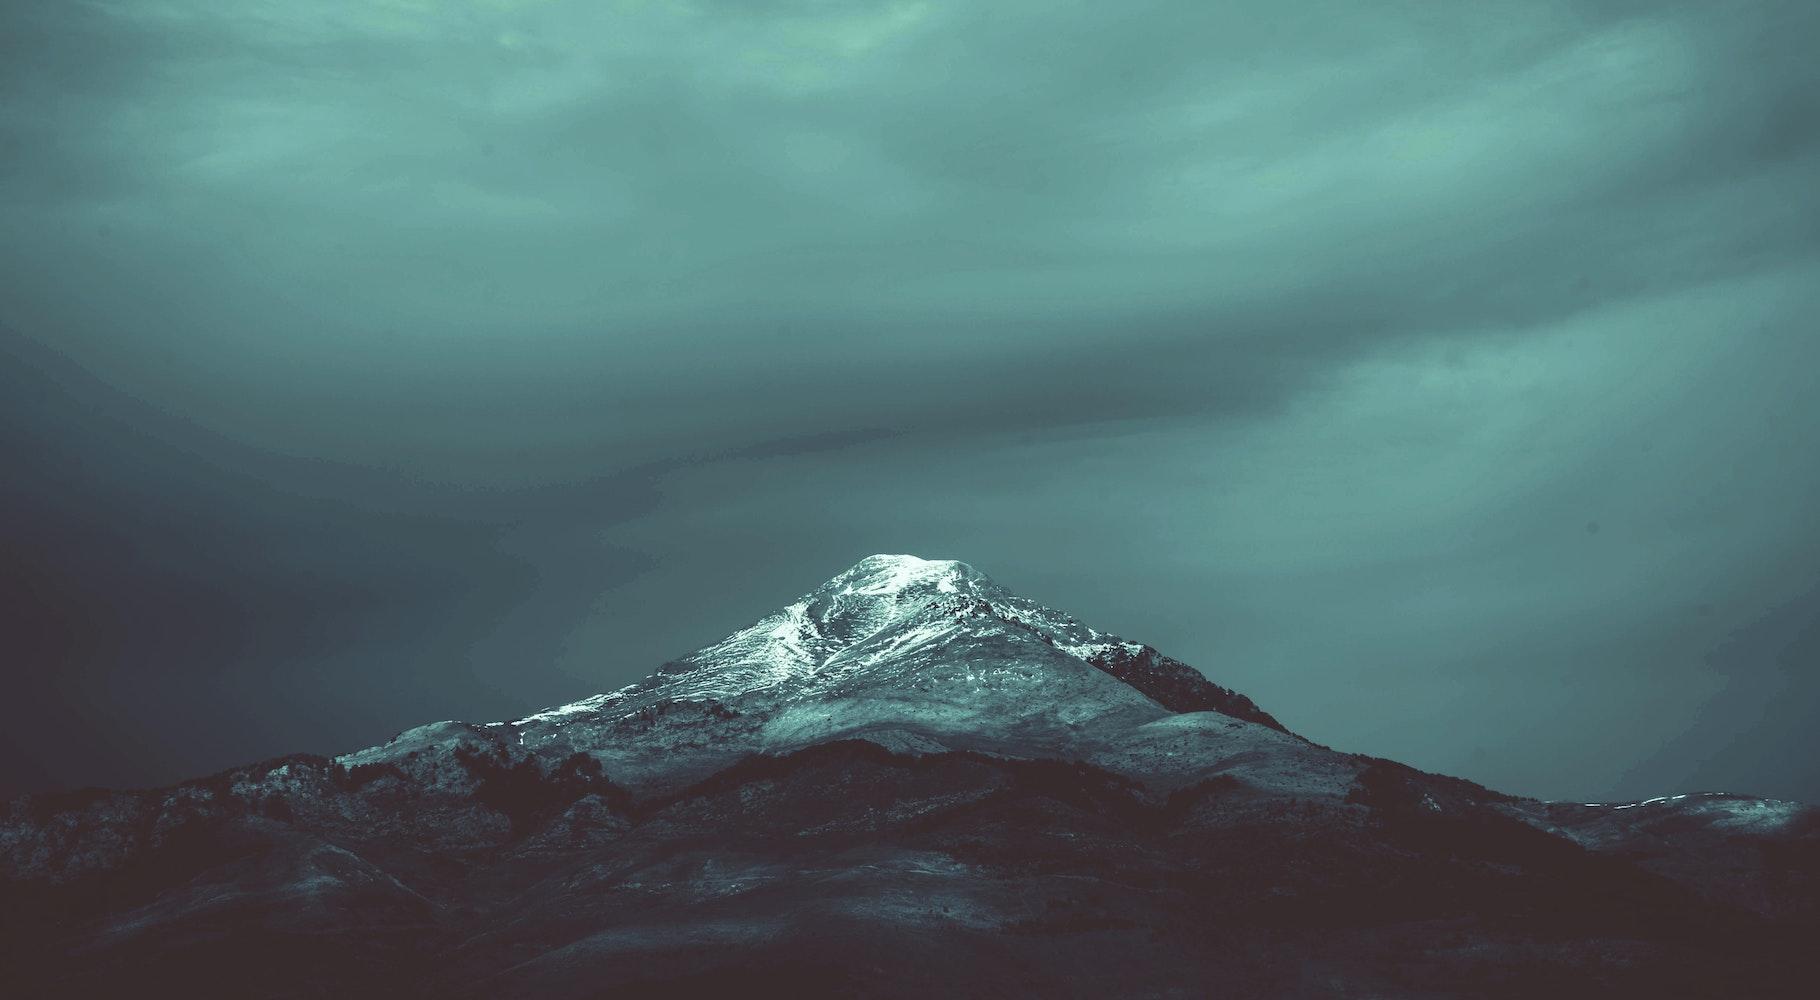 mountain pictures pexels free stock photos